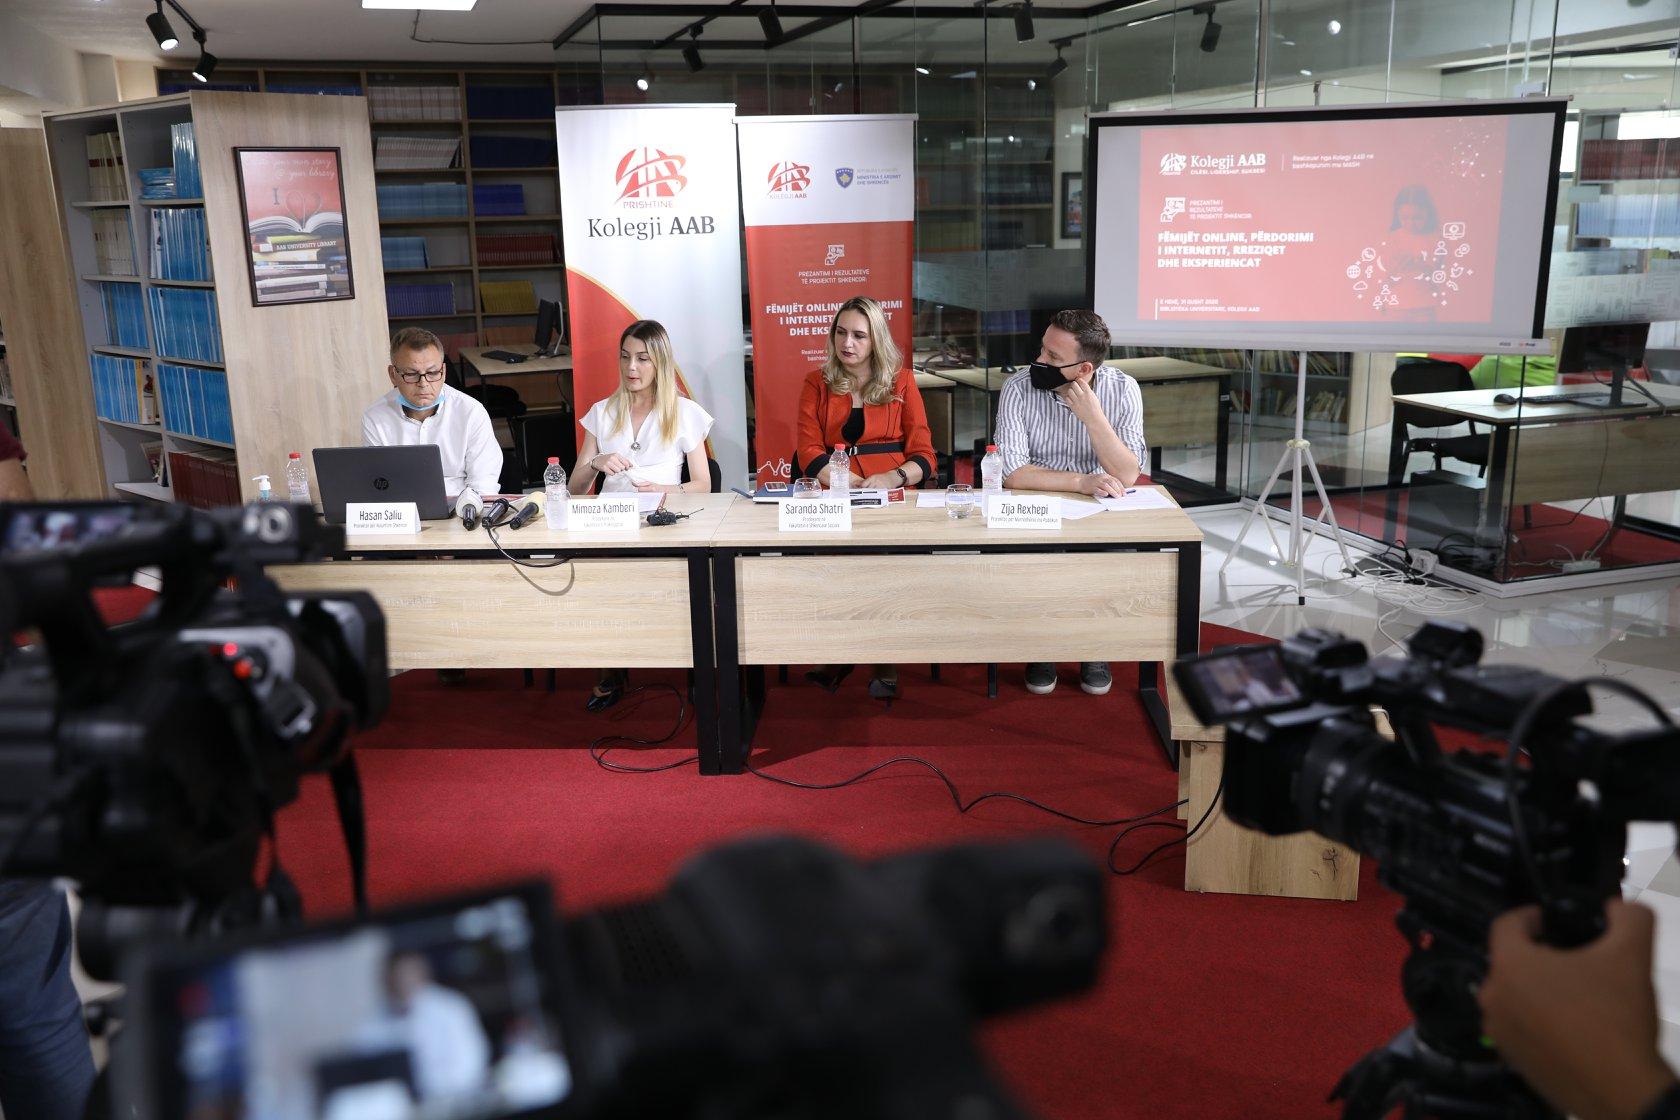 Youtube dhe Rrjetet Sociale, Kolegji AAB - Konferencë